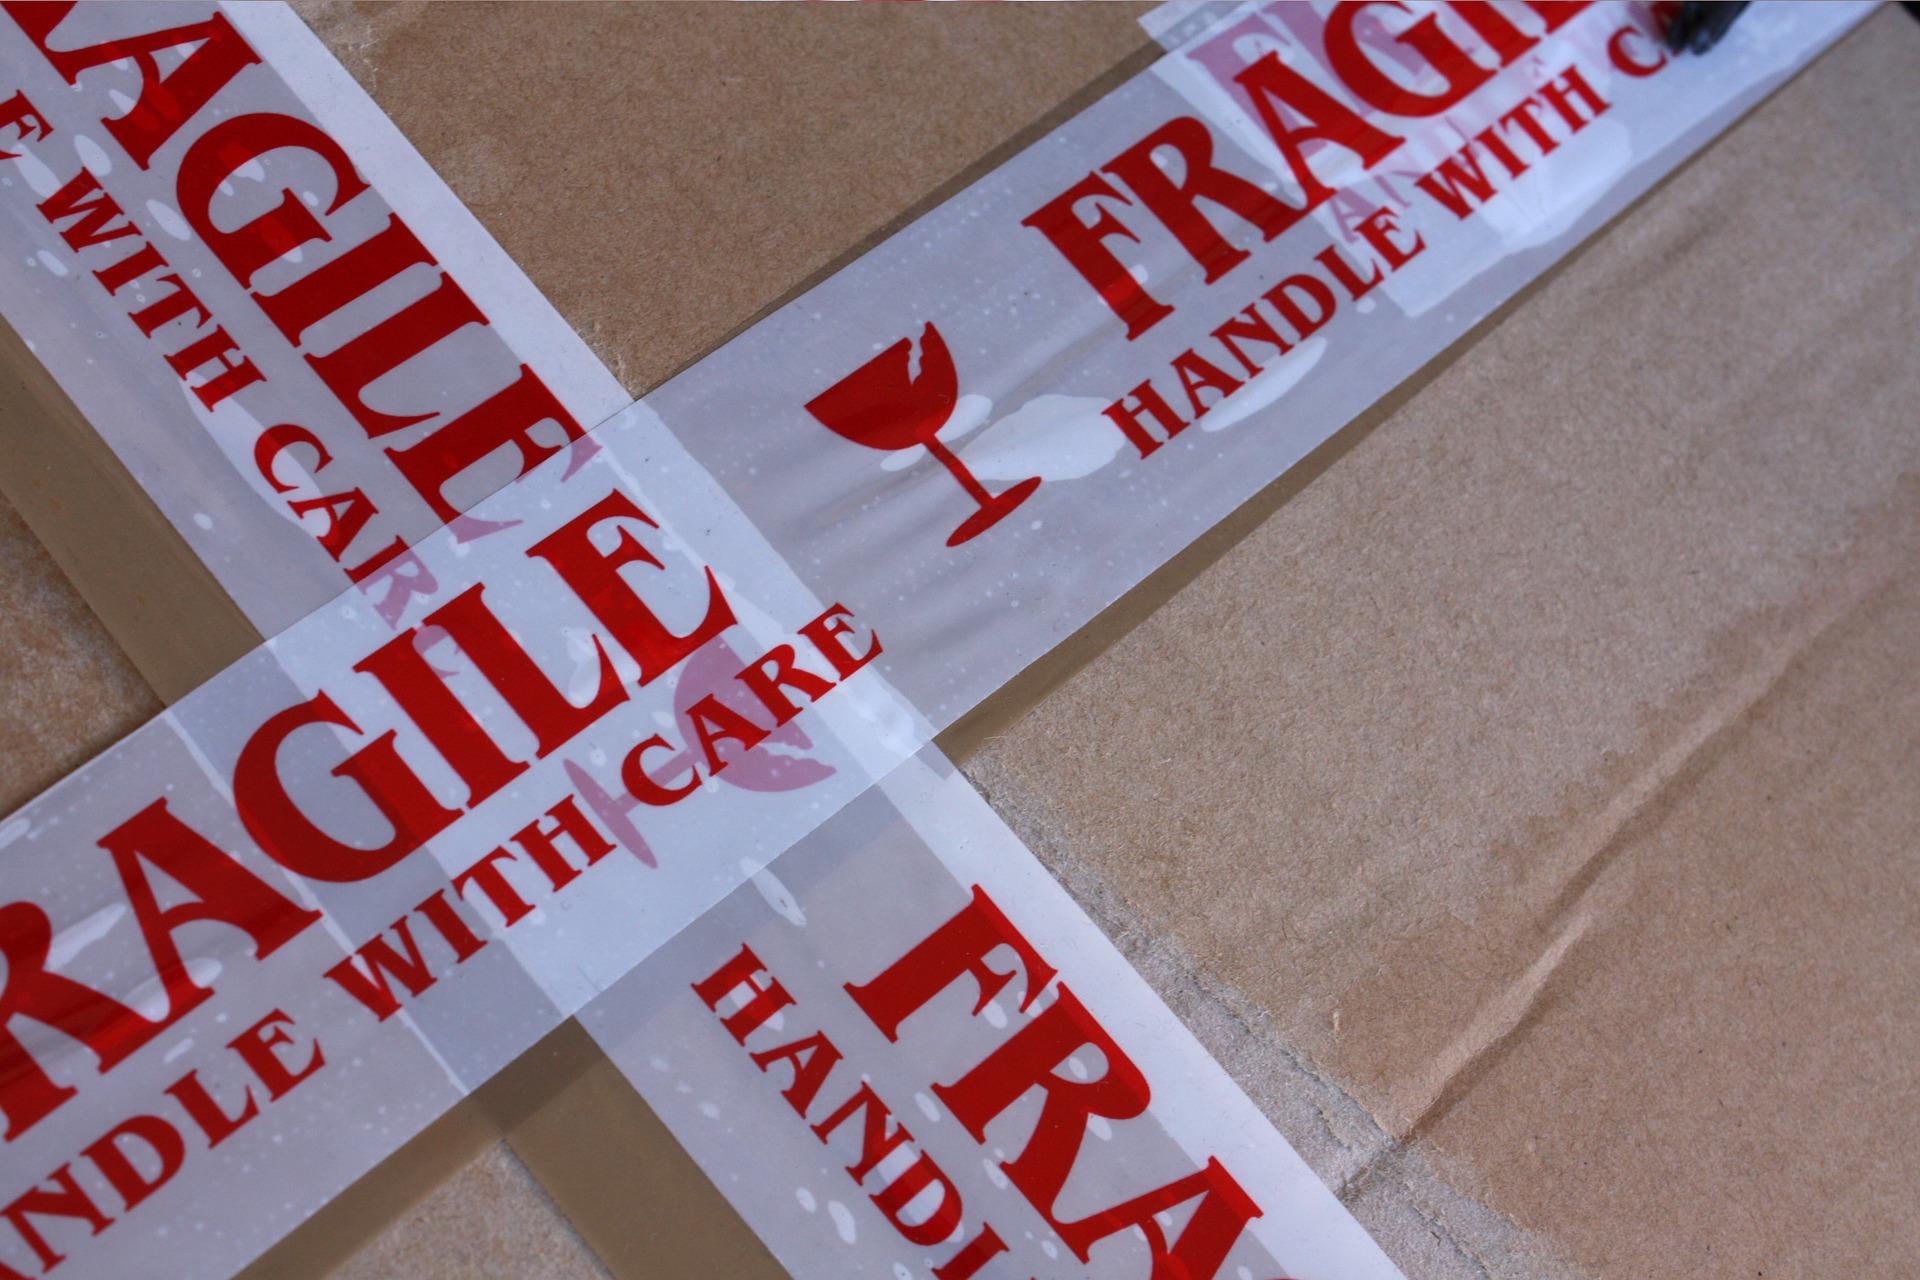 enviar un paquete frágil